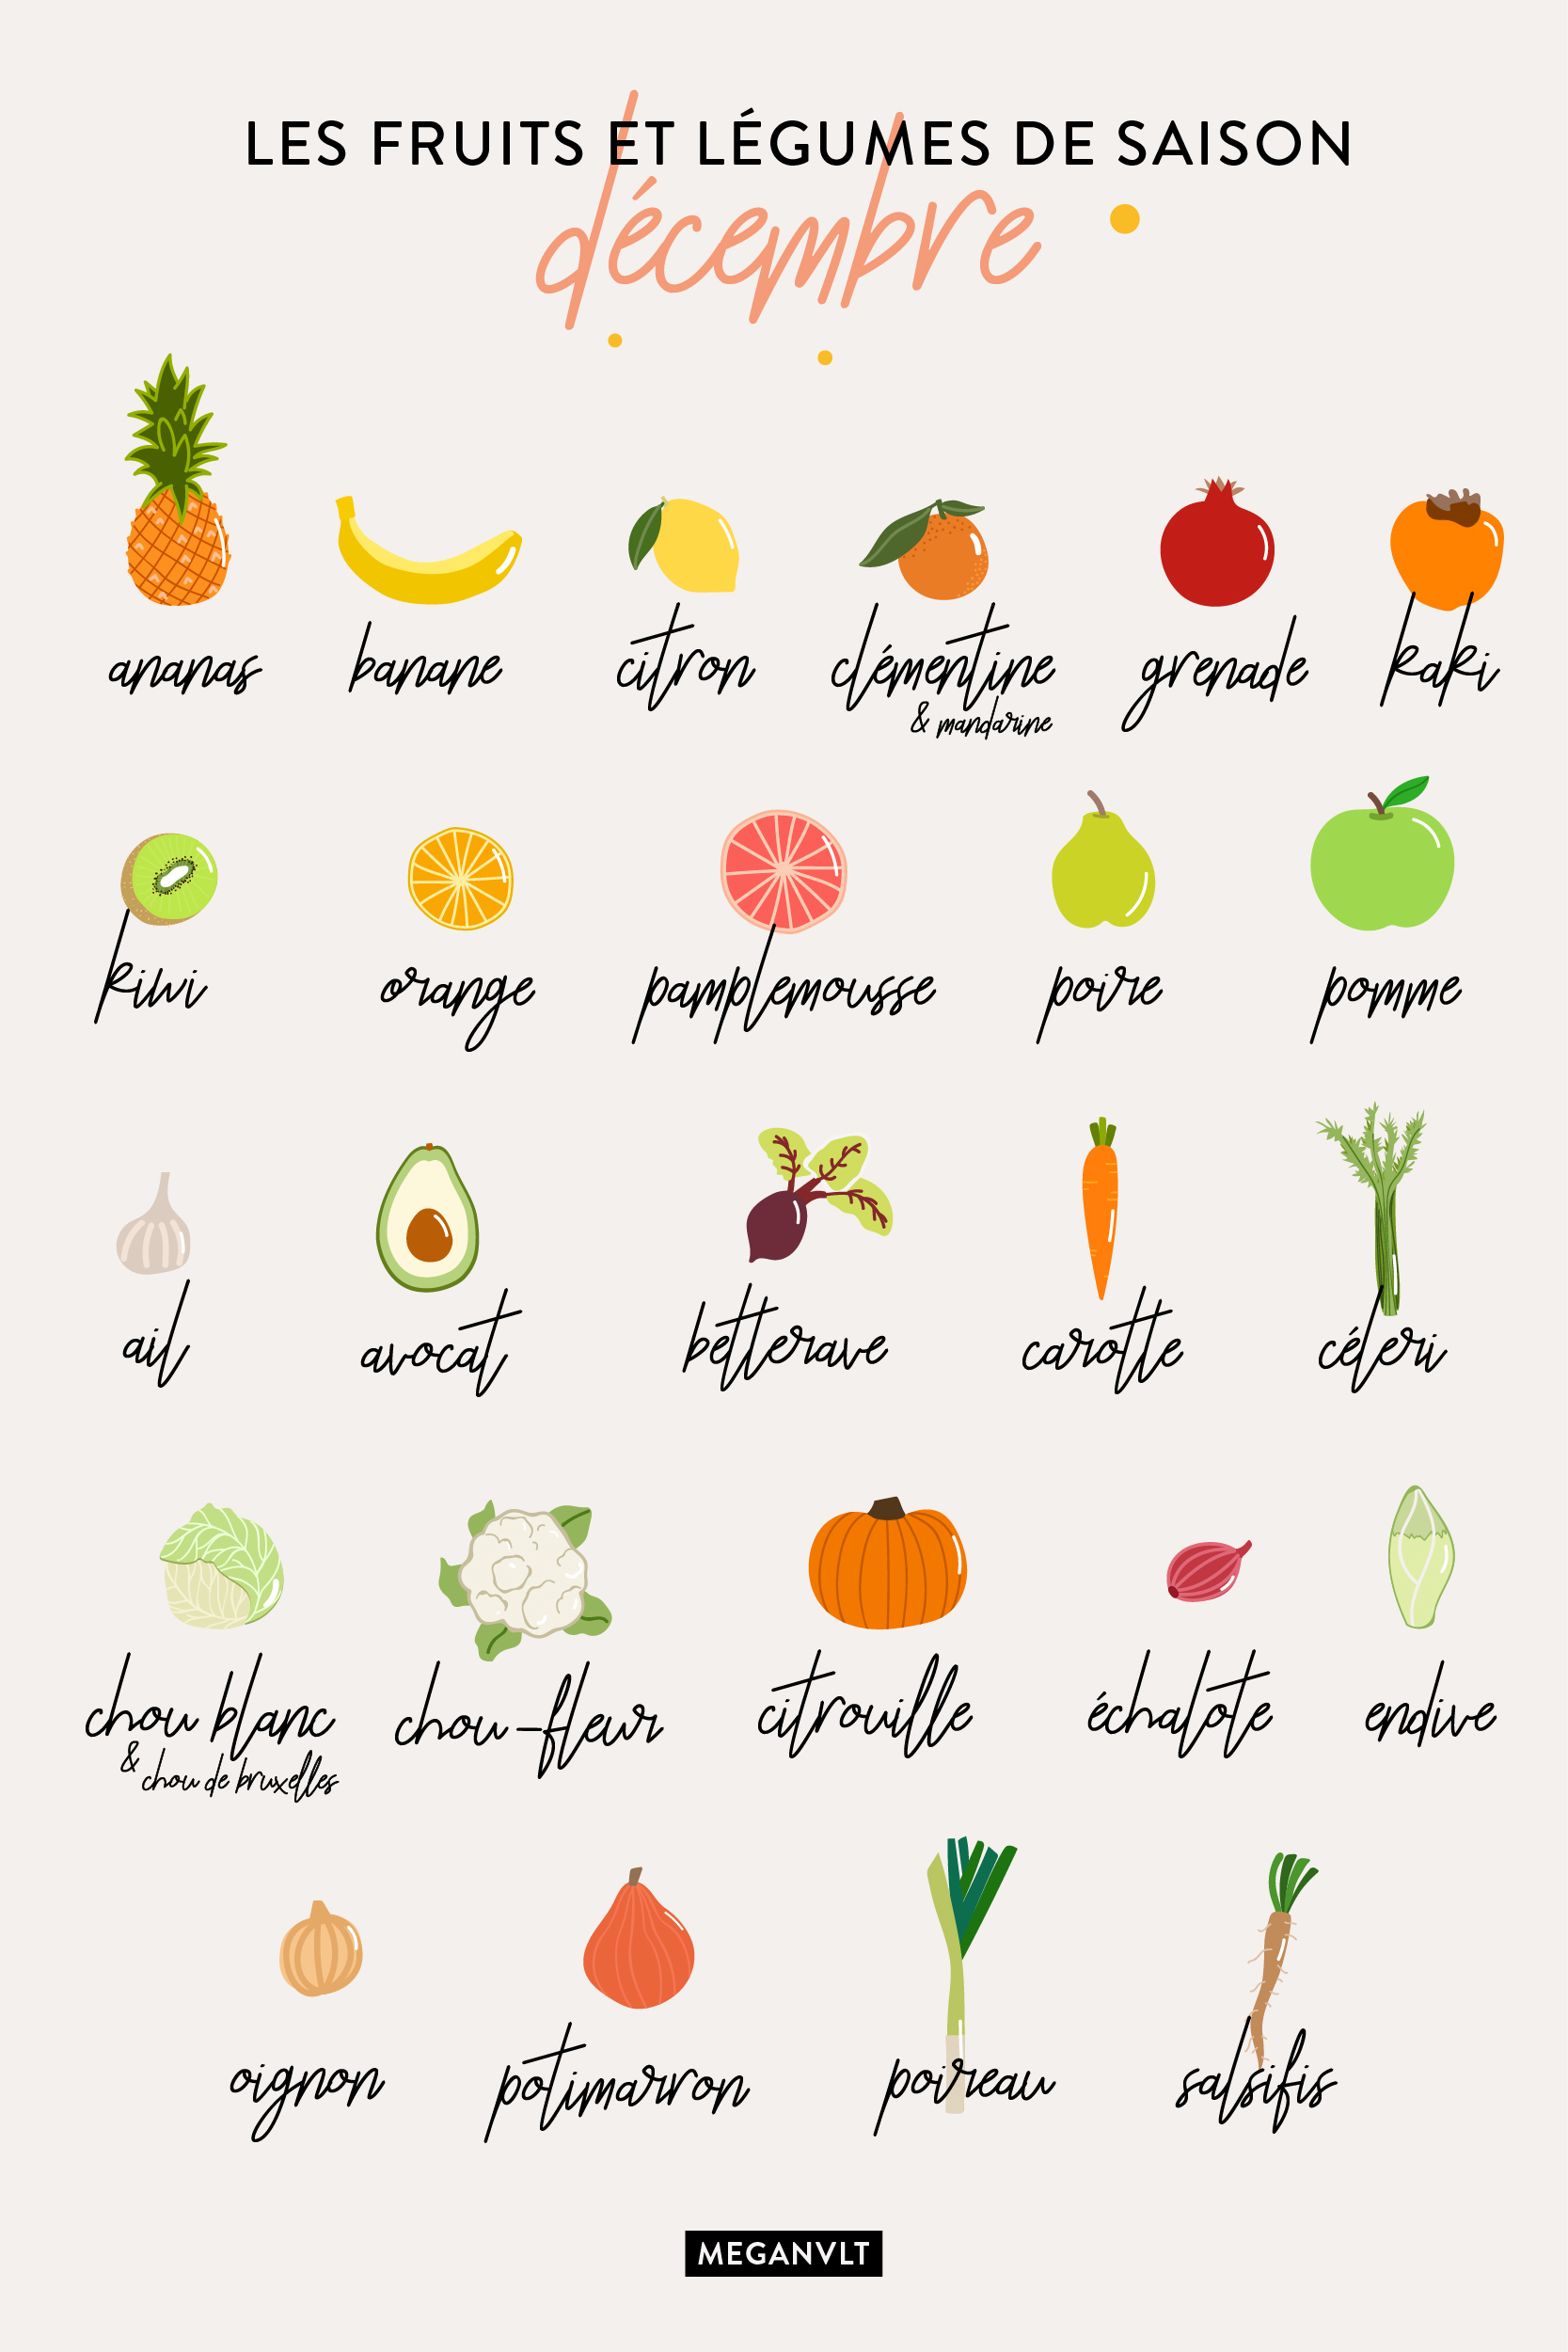 fruits-légumes-saison-décembre